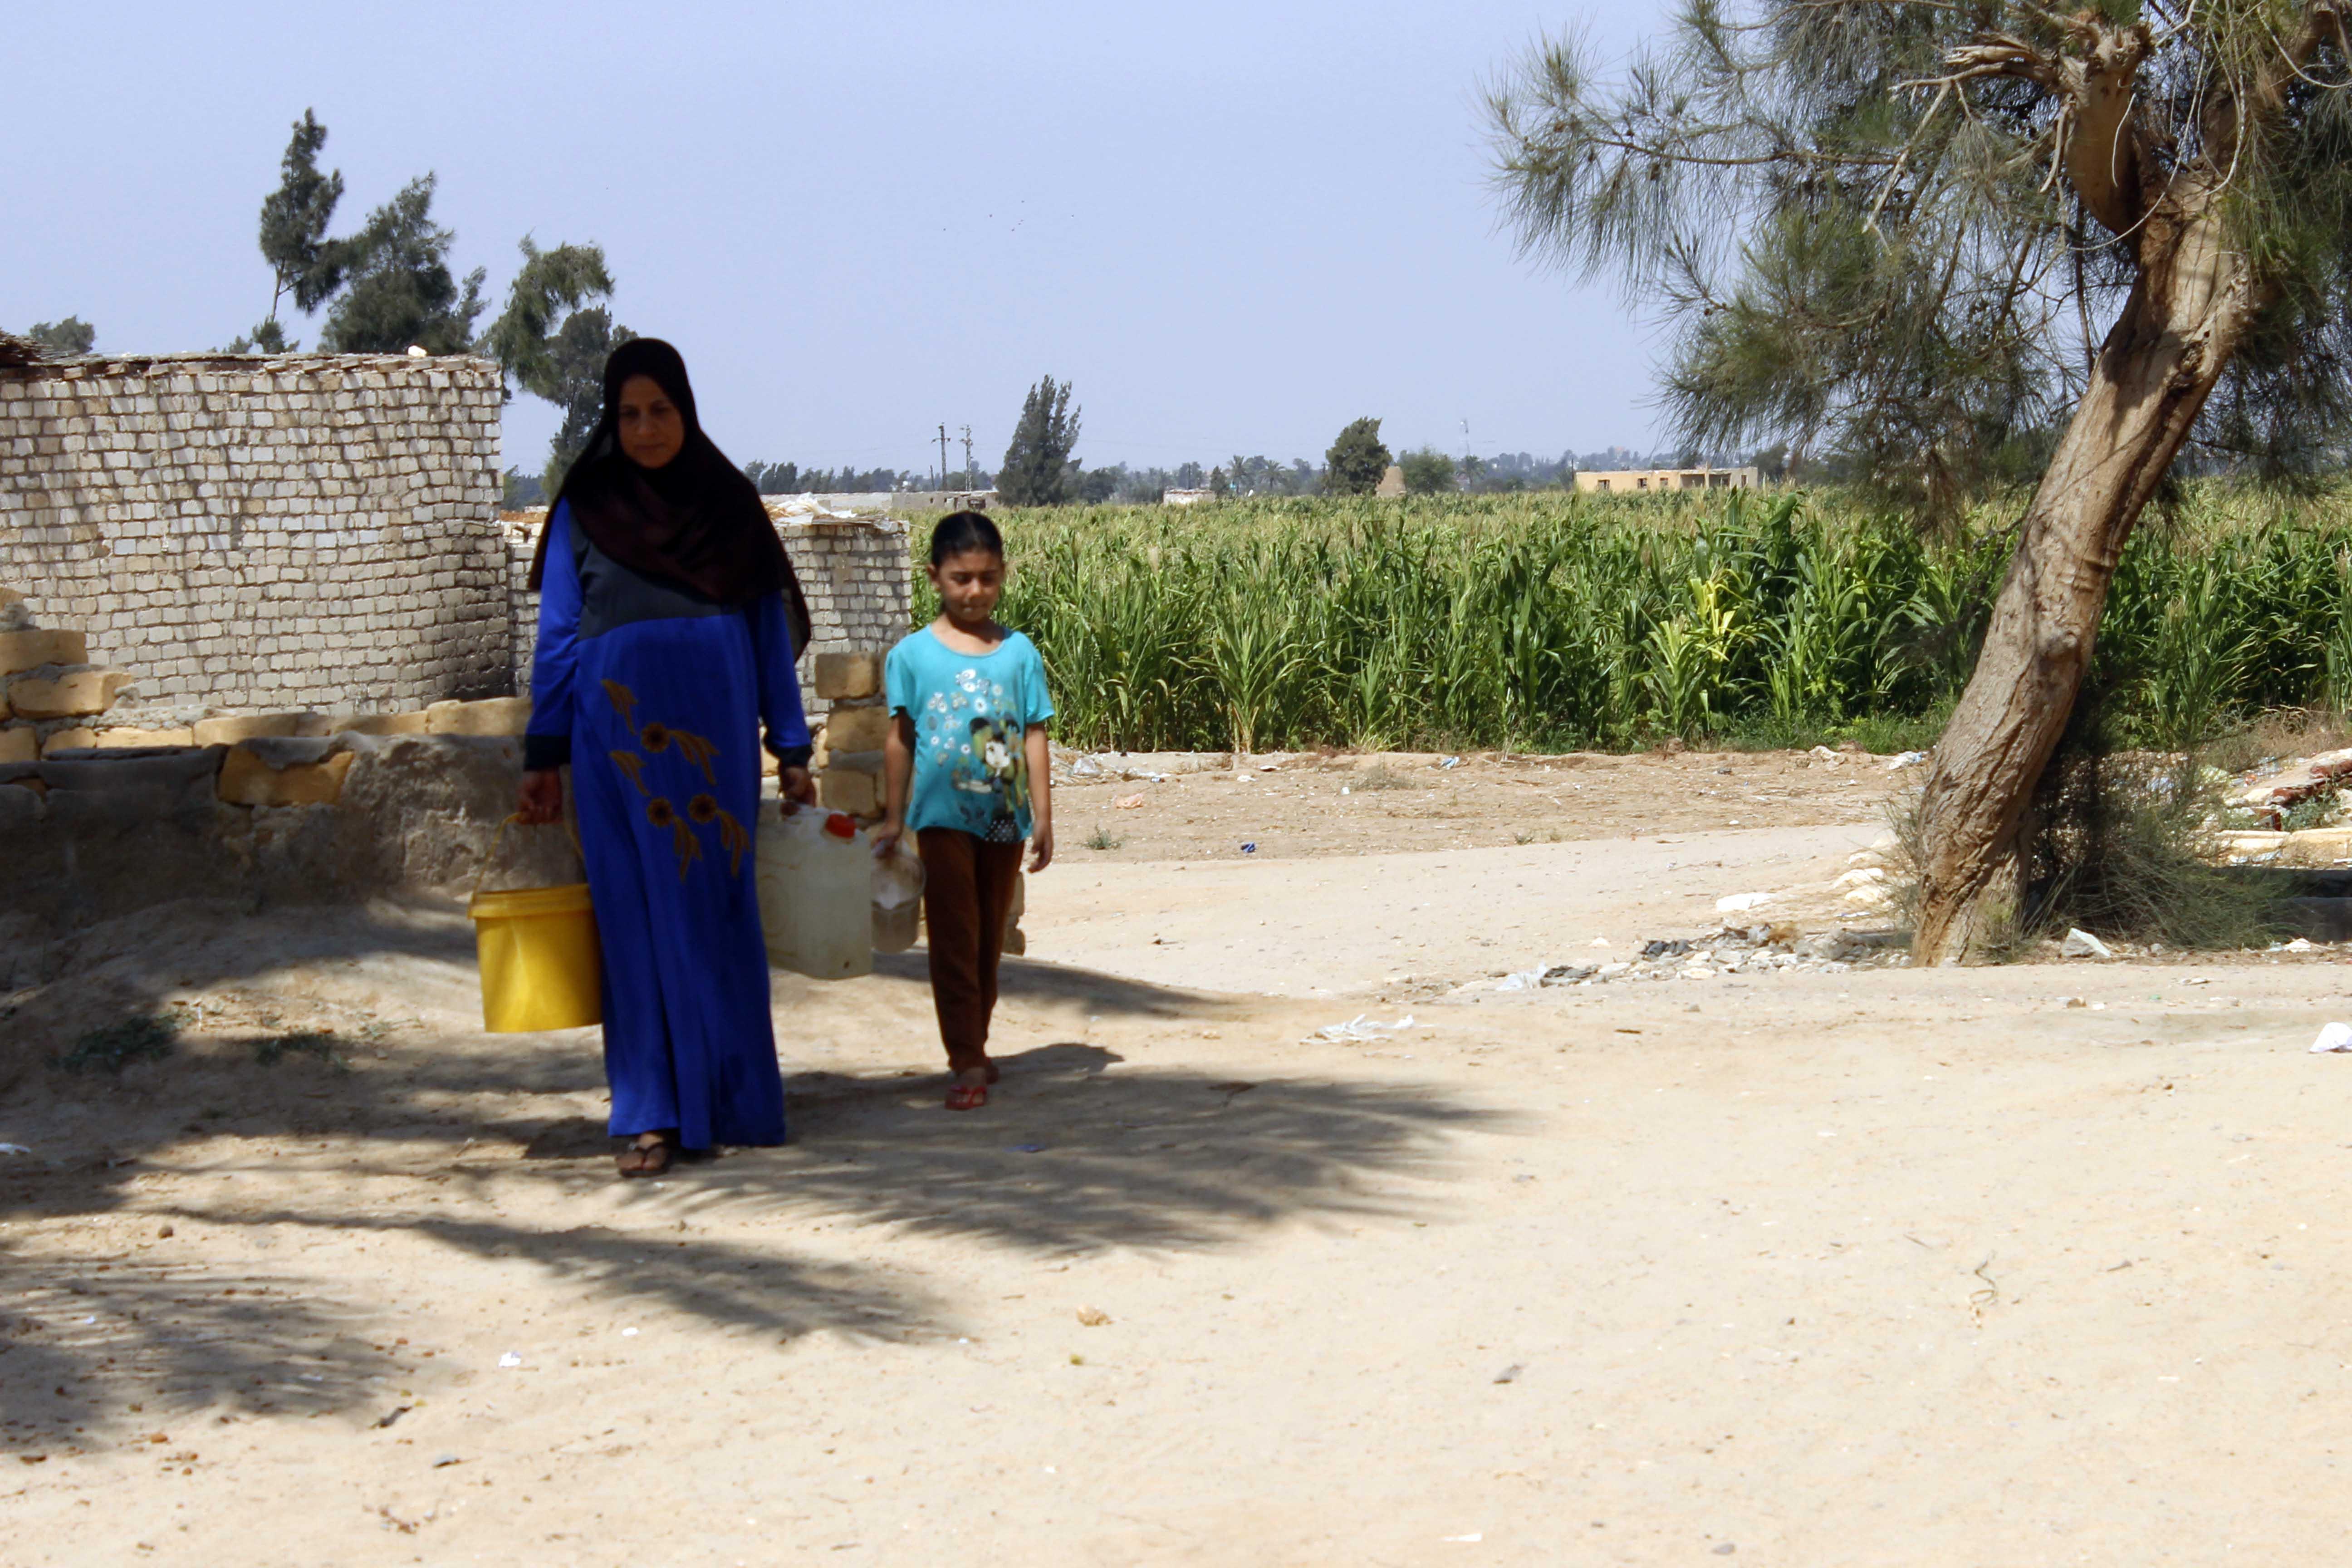 قري  تعيش بدون مياه  شرب  لأربعة أشهر  - تصوير  محمد عوض  (16)